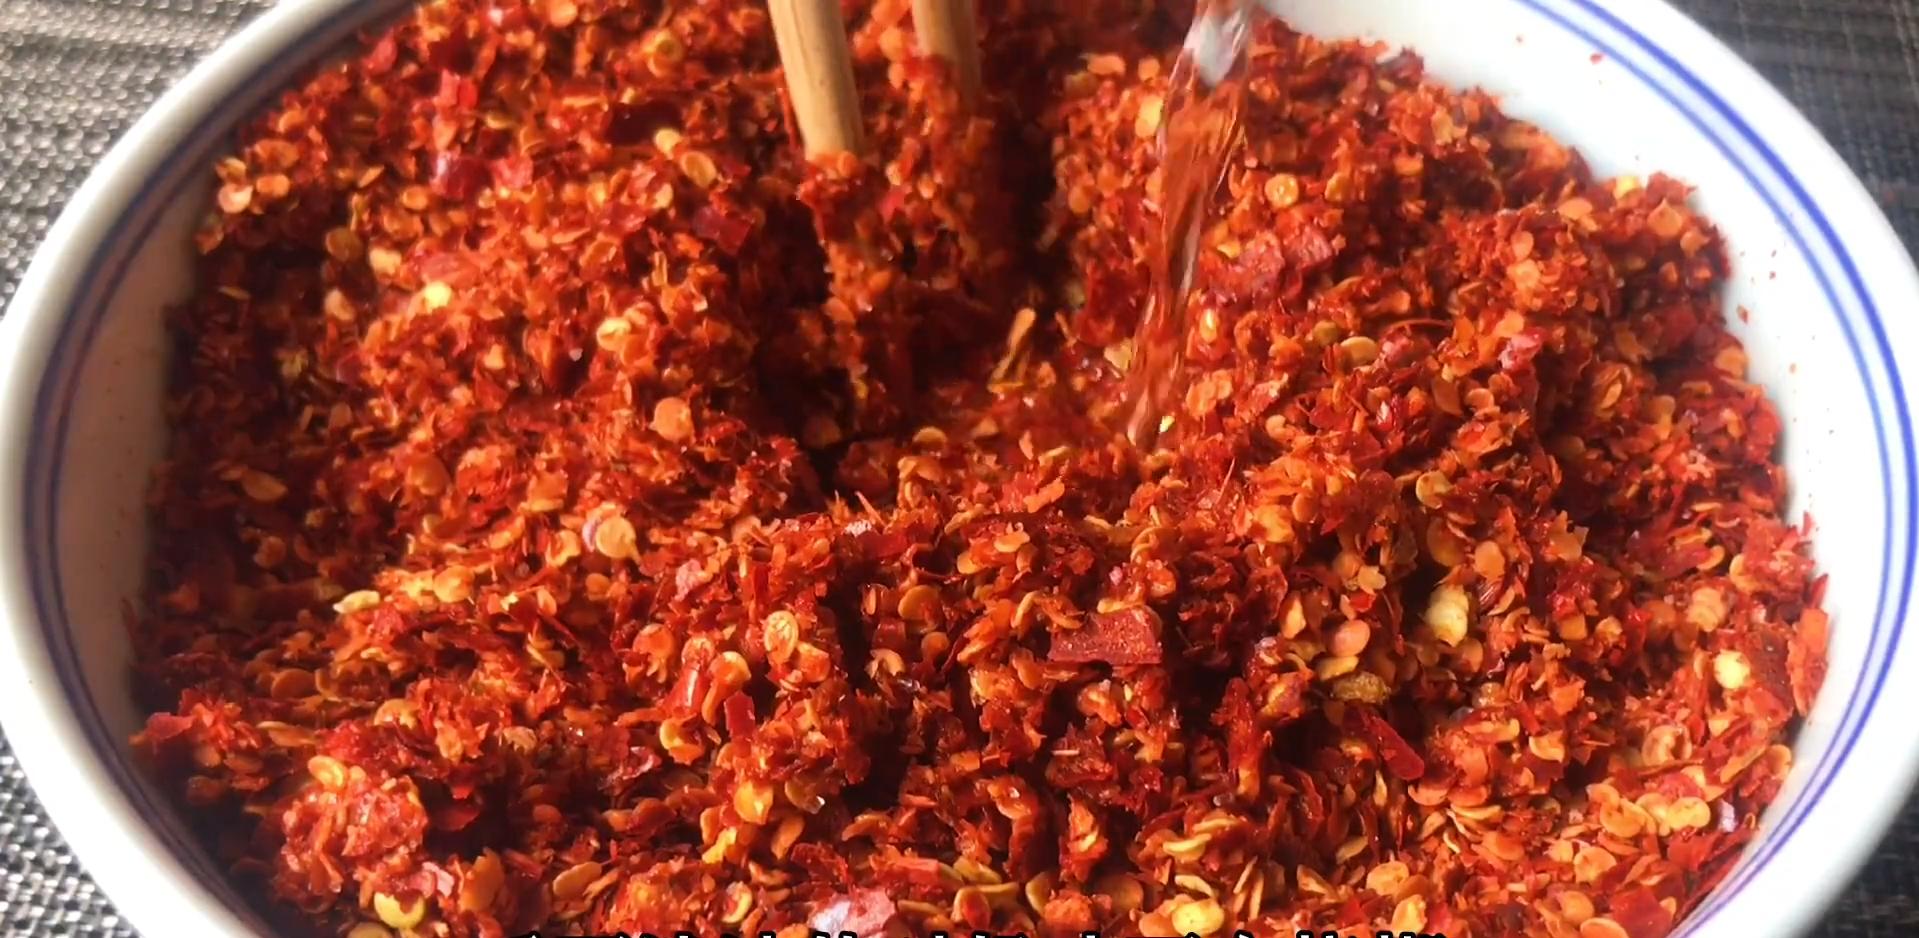 辣椒油怎么做才香?经典秘制配方,详细步骤教给你,拌什么都香 美食做法 第4张